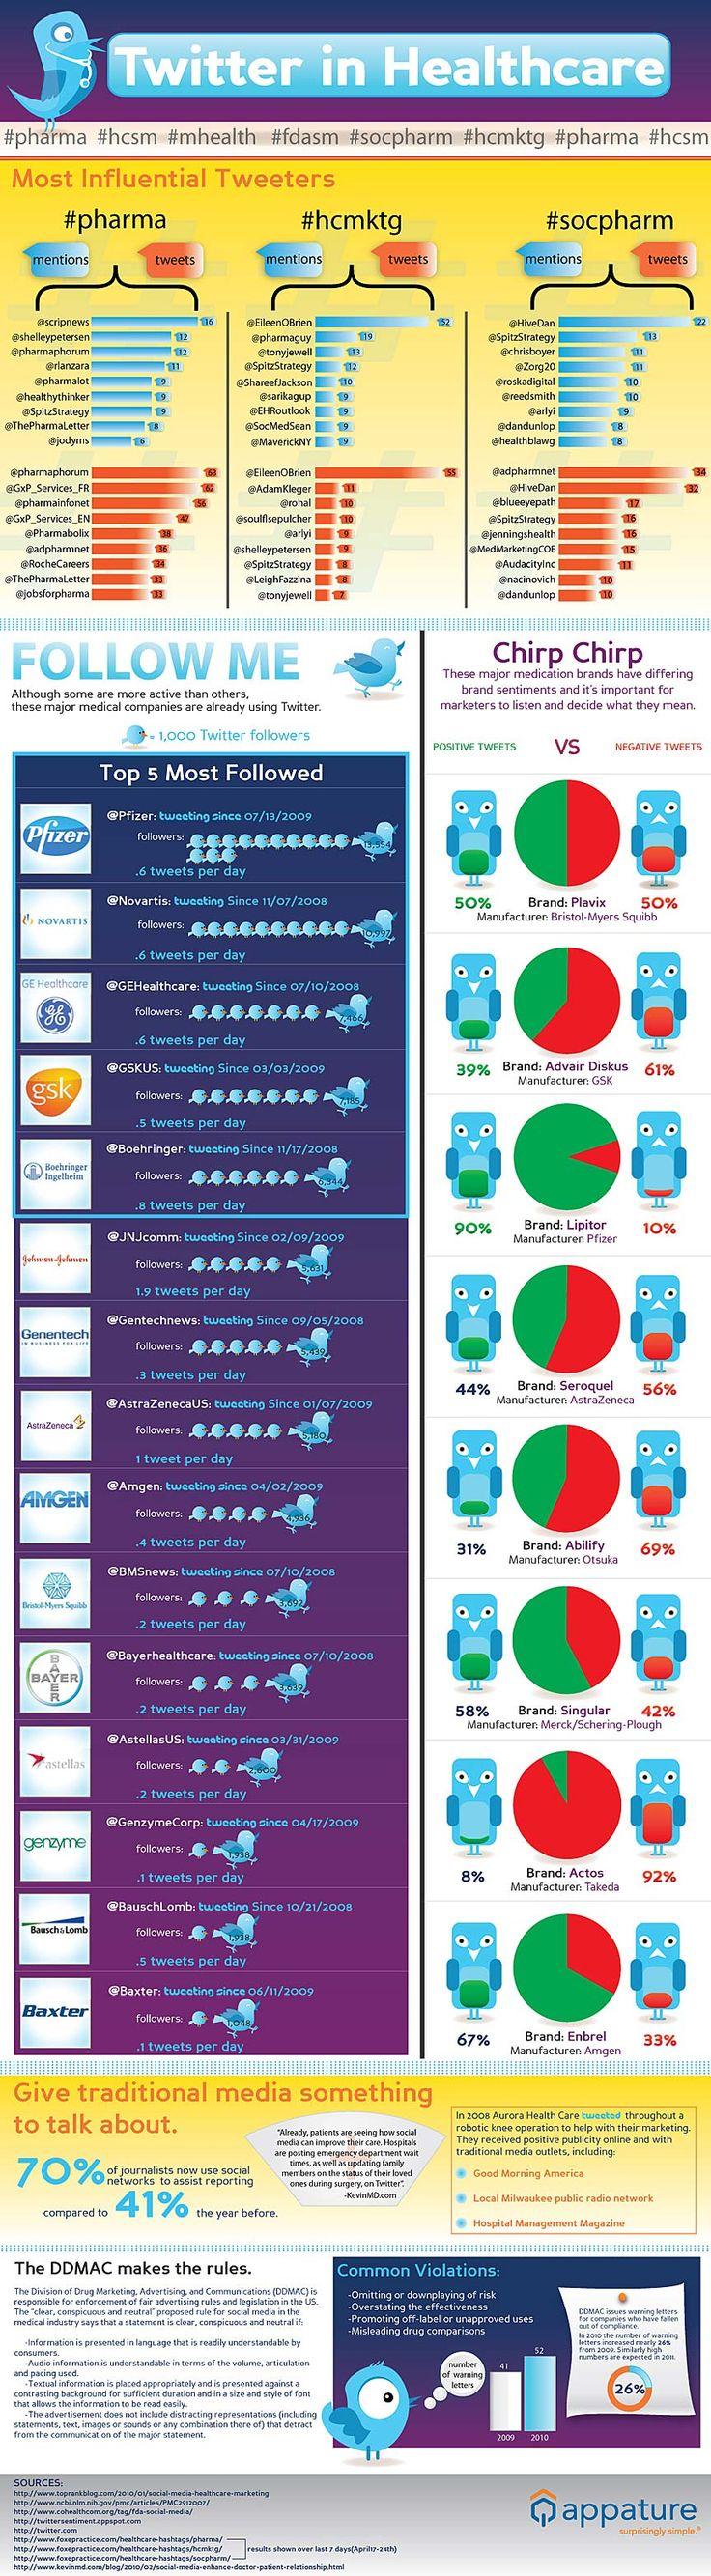 Twitter in healthcare [infographic] #pharma #hcmktg #socpharm